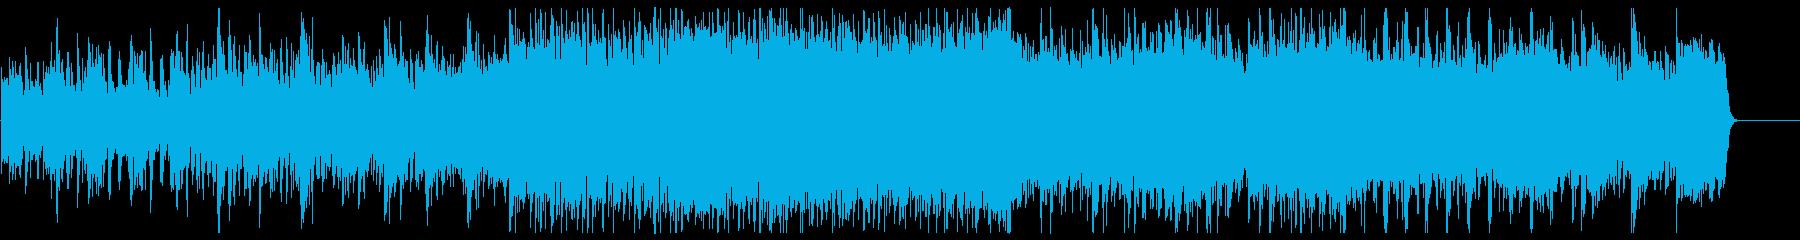 ピアノとオーケストラの疾走感のある曲の再生済みの波形